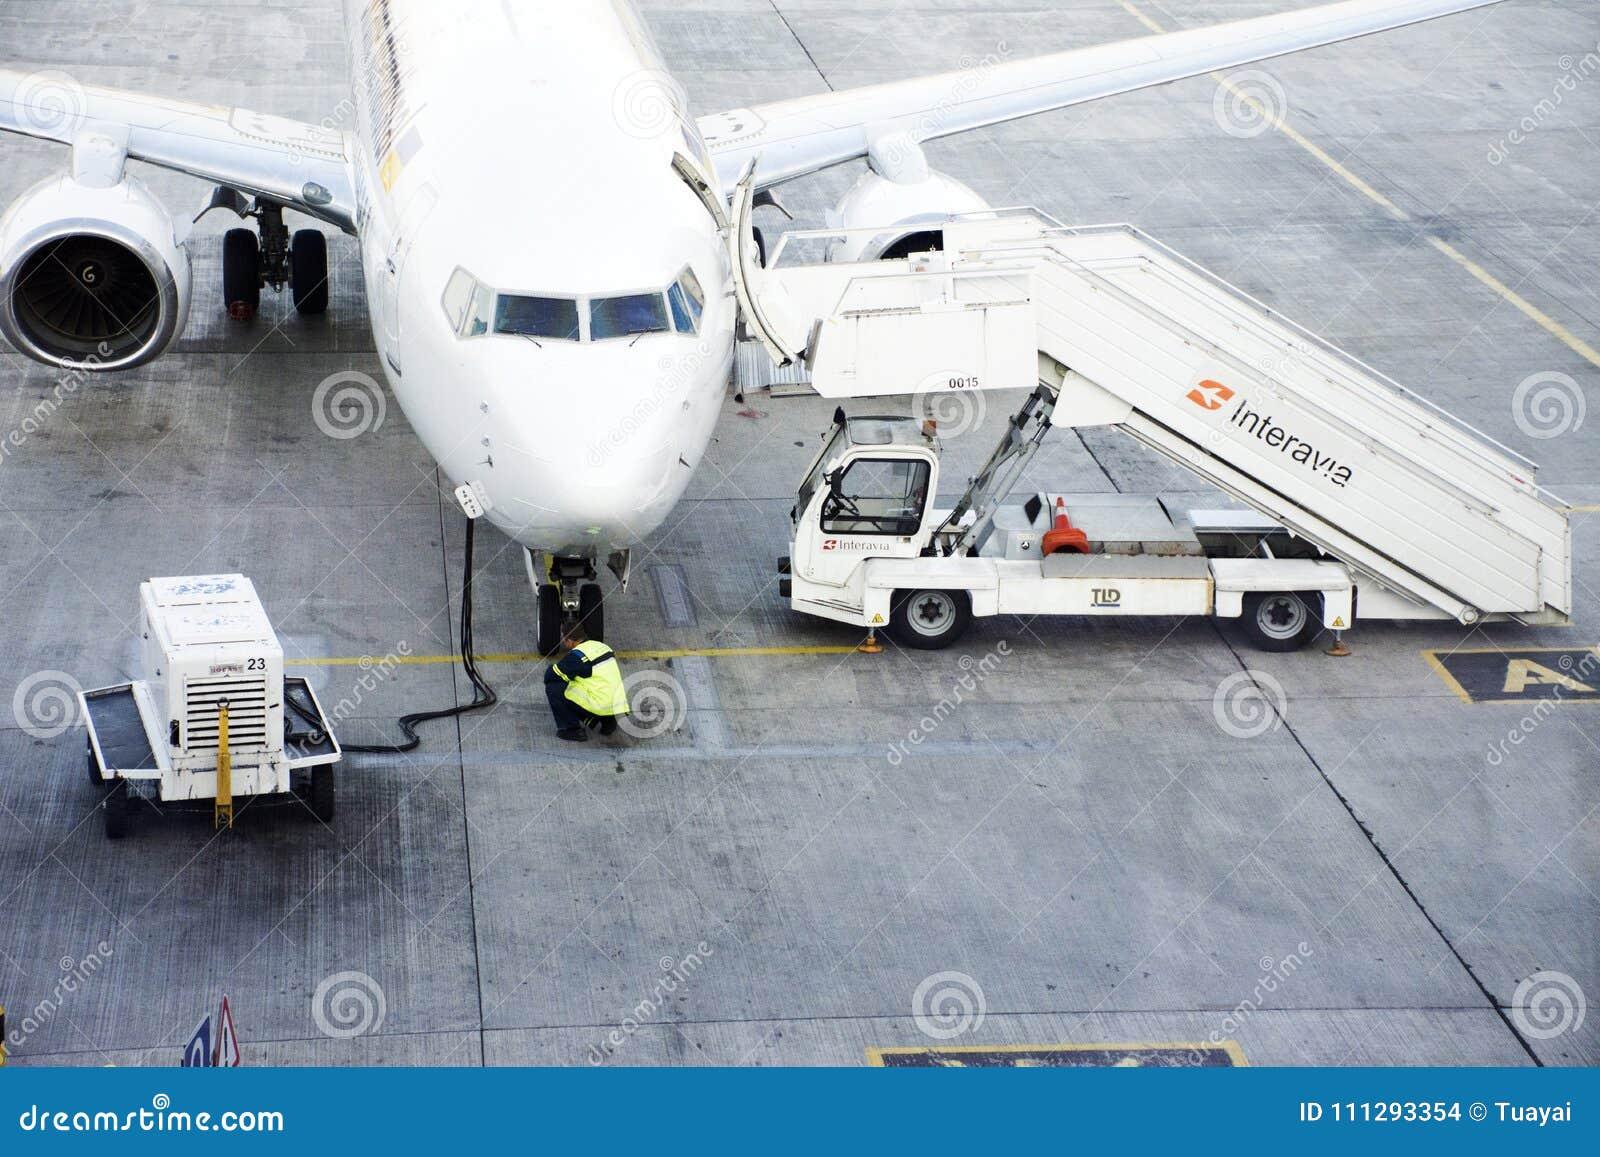 Aeroporto Kiev : Pista dell aeroporto internazionale di kiev boryspil a kiev